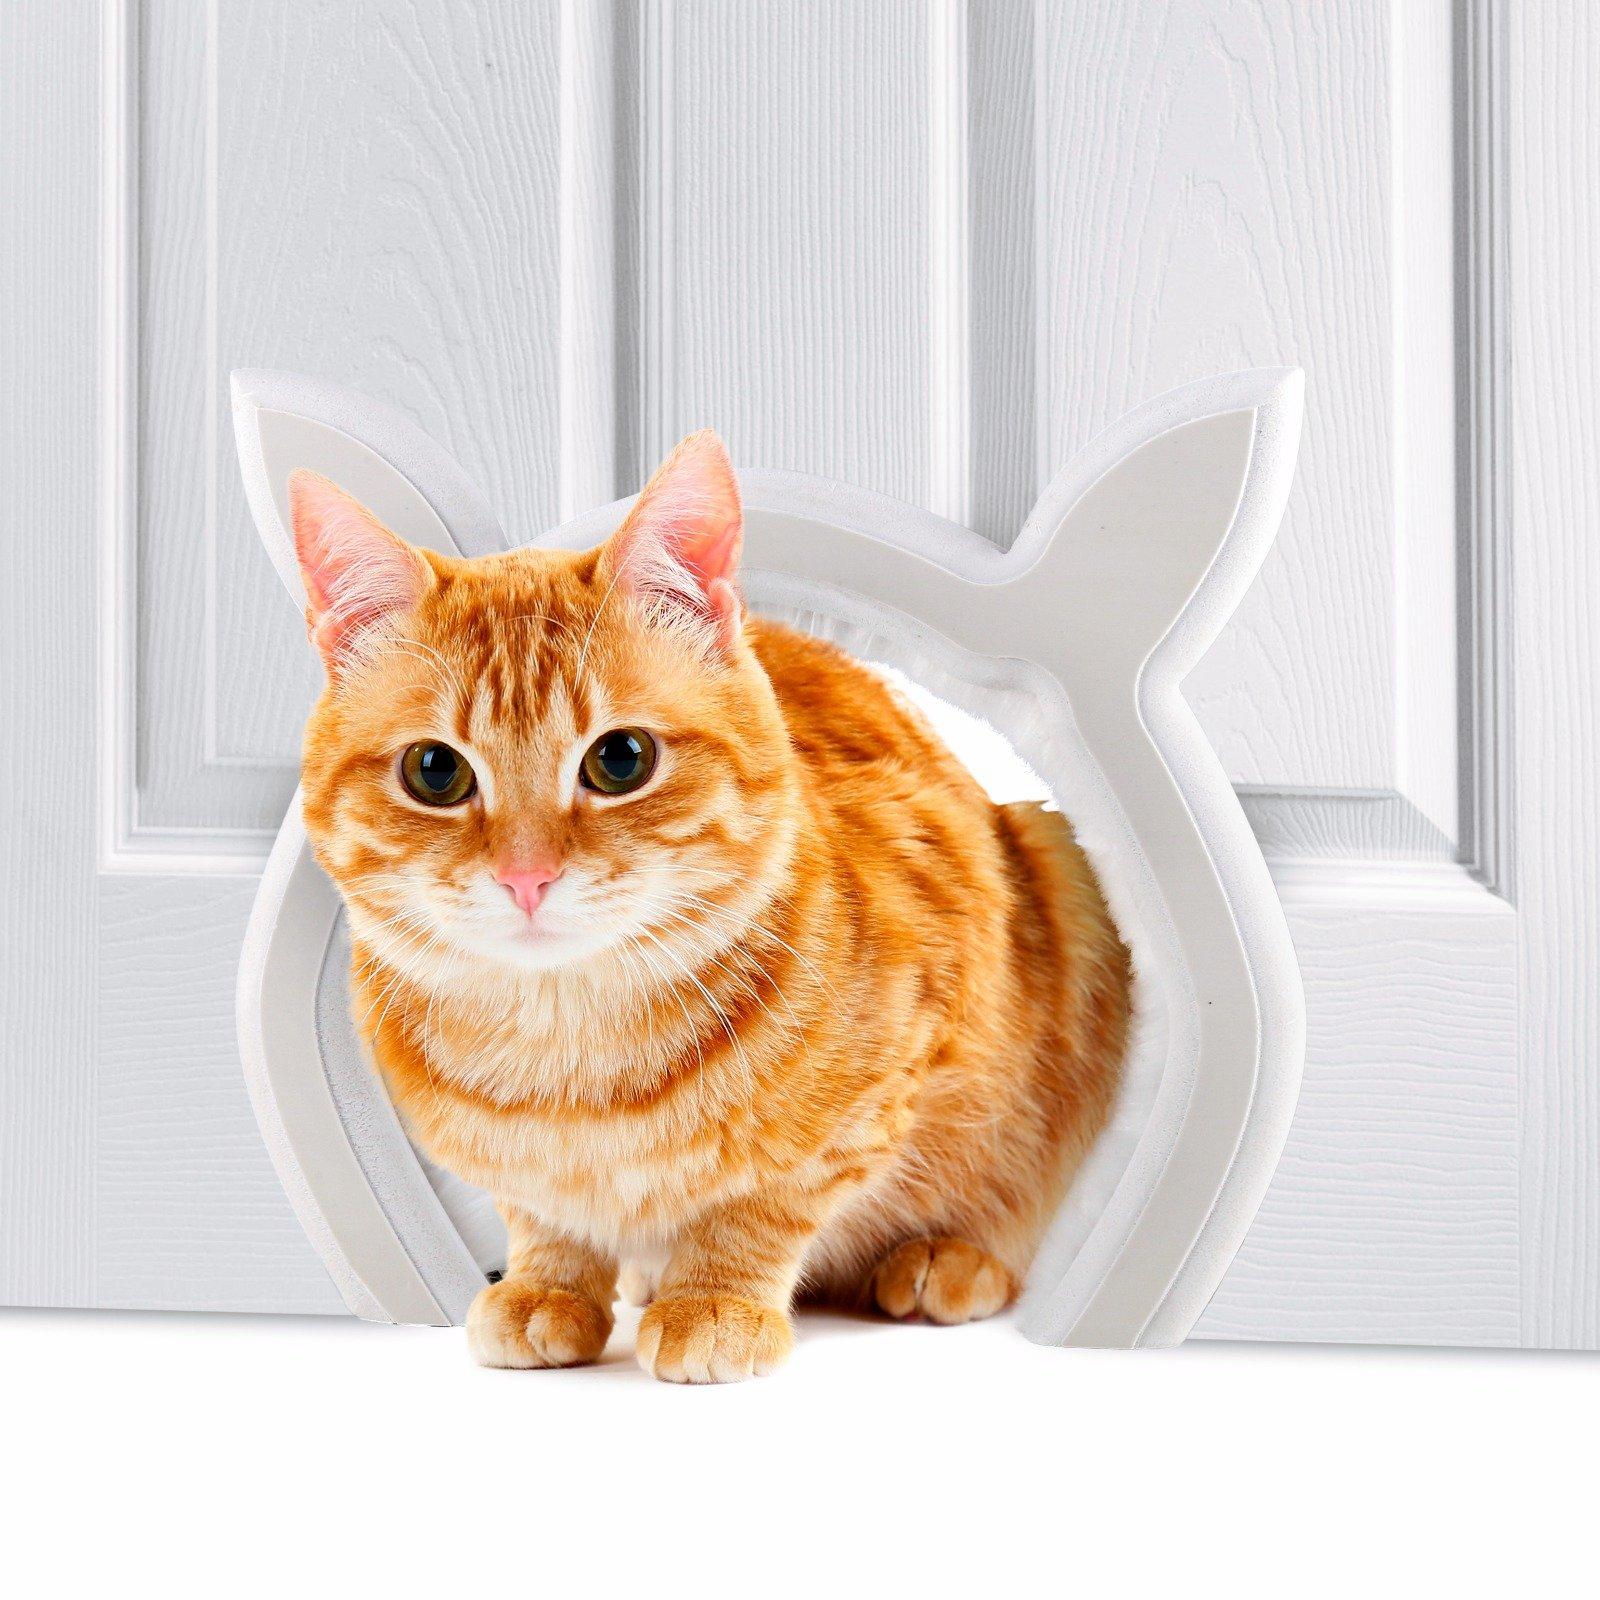 Prouder Pet Interior Cat Door Fits Most Standard Door Sizes Safe